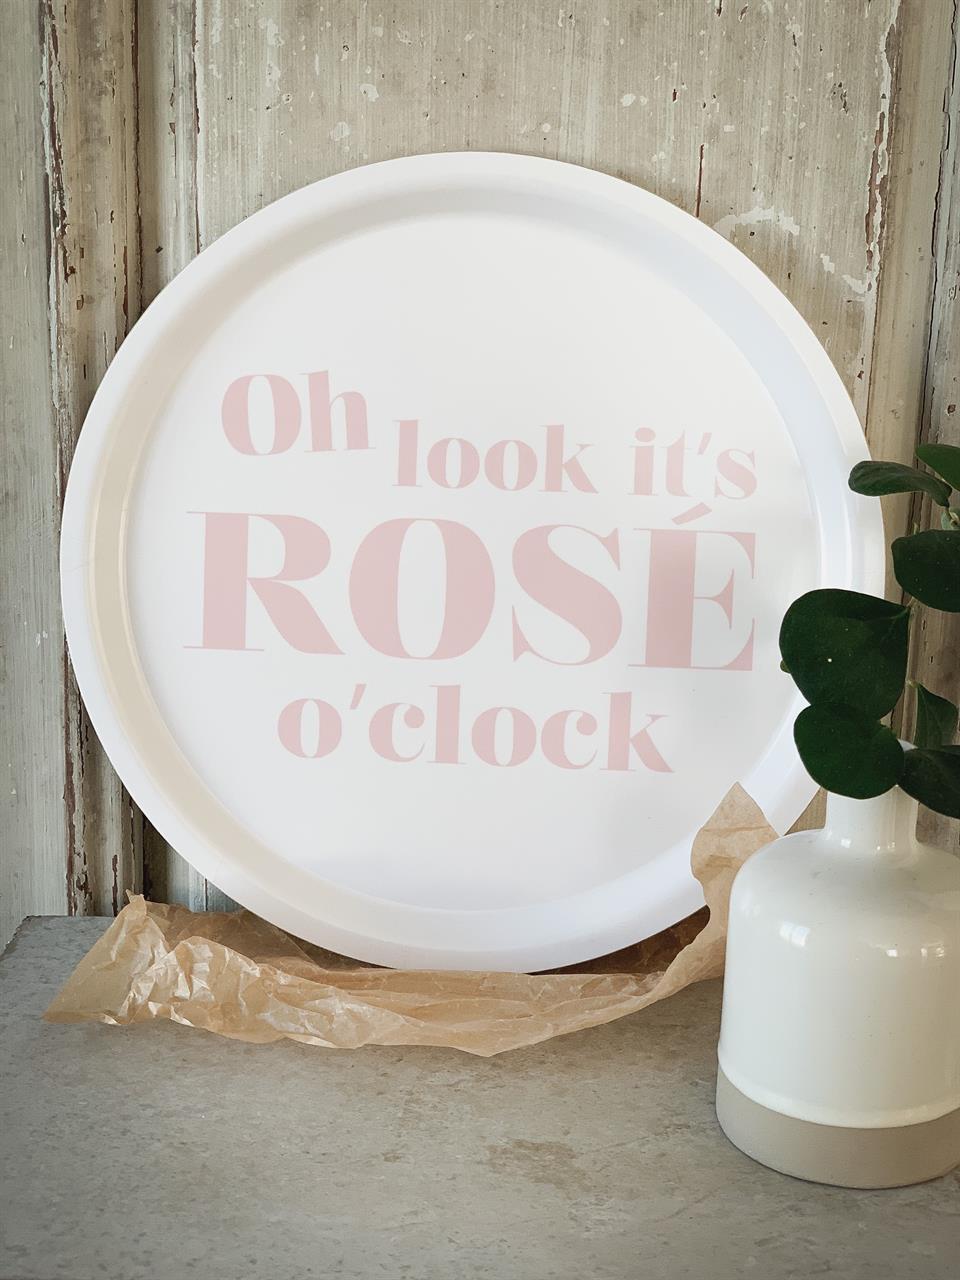 Bricka rund 31 cm, Rose o clock, vit/rosa text